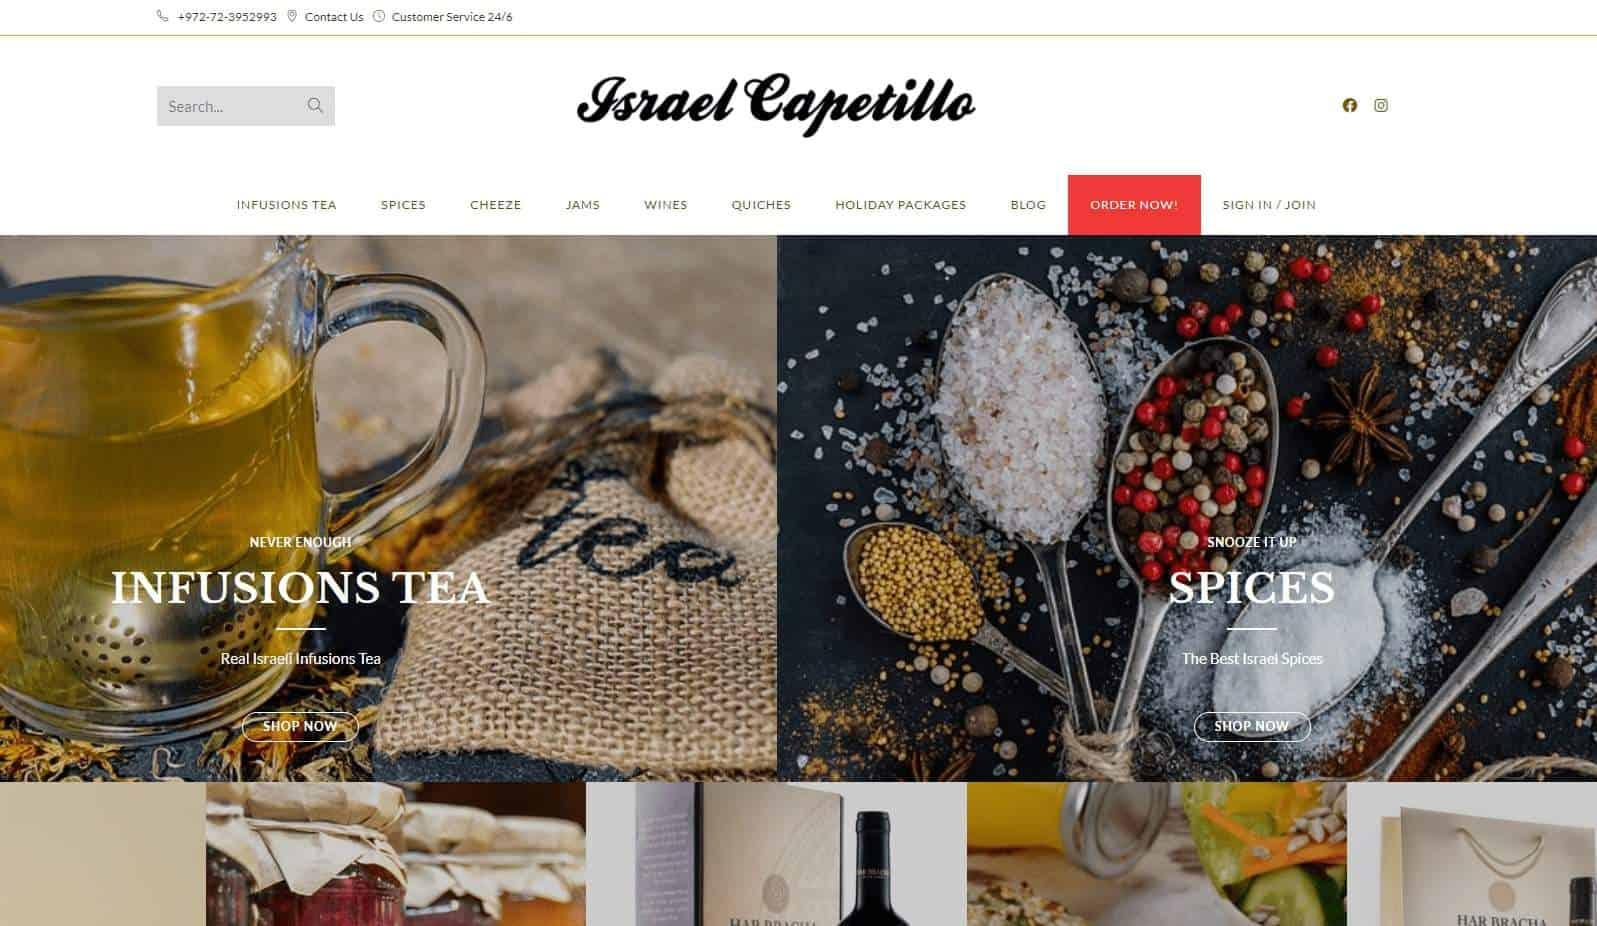 בניית אתר חנות וקידום בשביל חנות חבילות שי לחגים Israel Capetillo